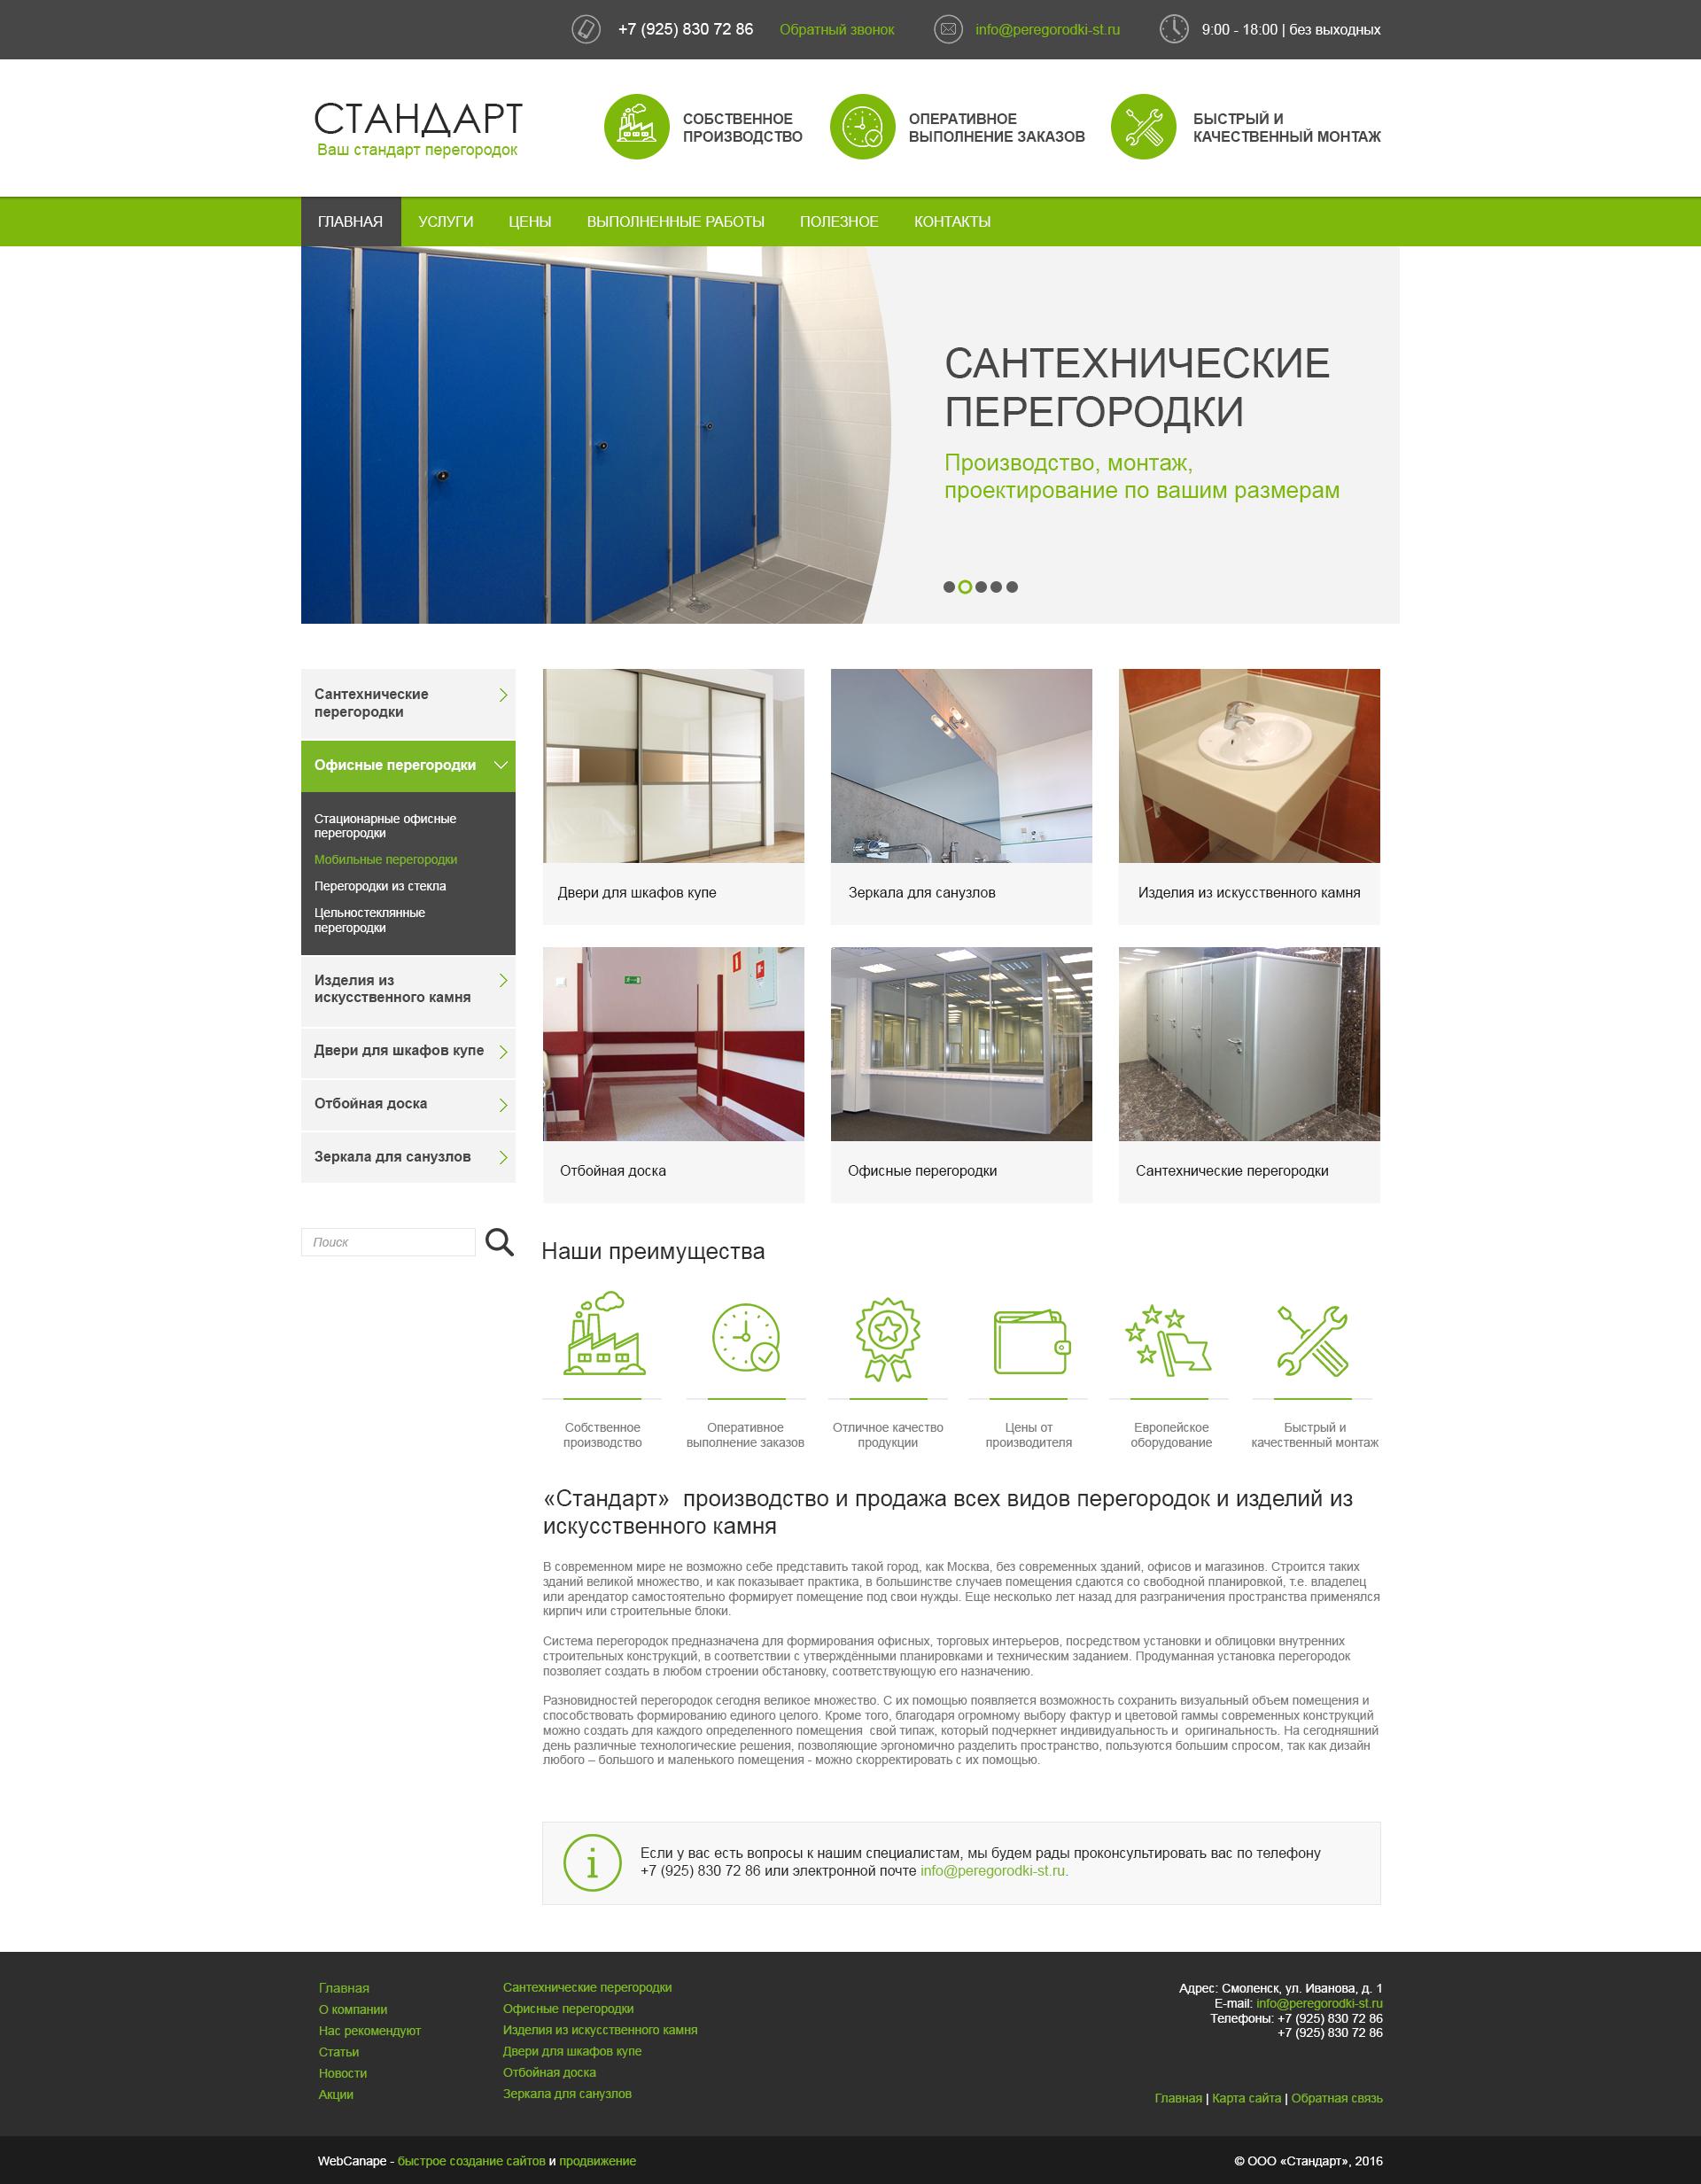 Сайт компании по производству офисных и сантехнических перегородок